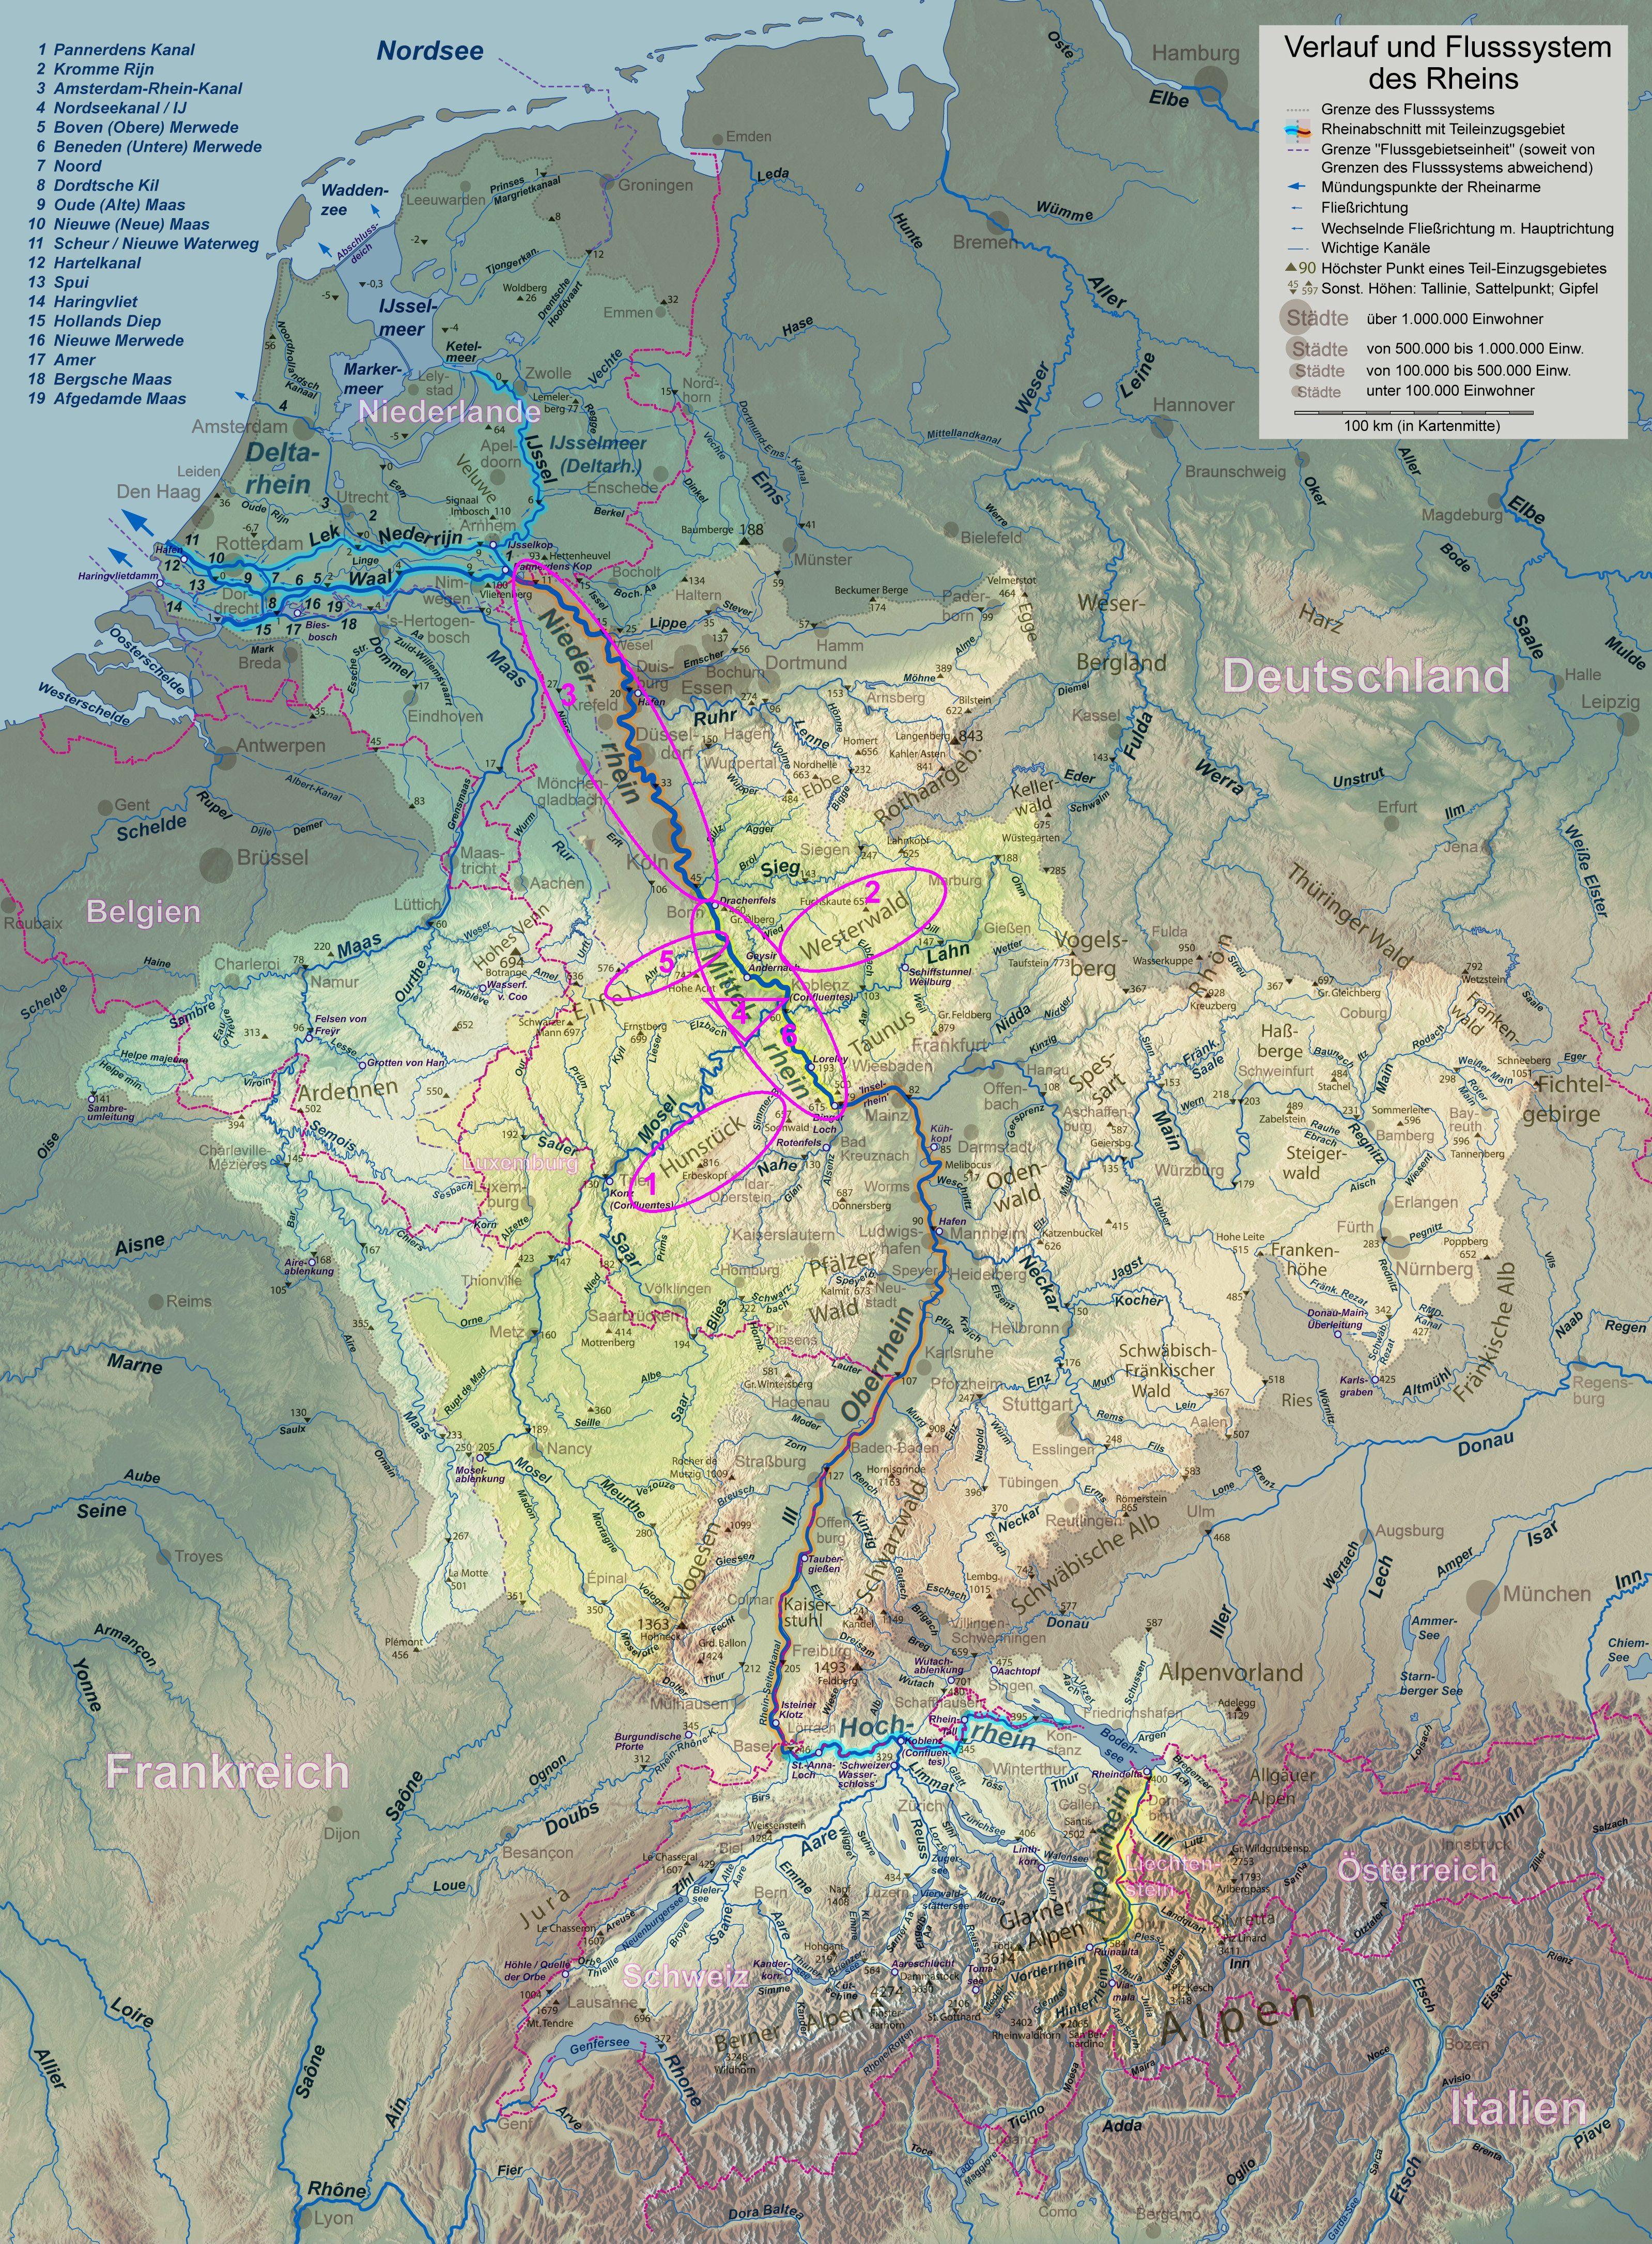 Pin Von Layan Auf Maps Kartographie Landkarte Geografie